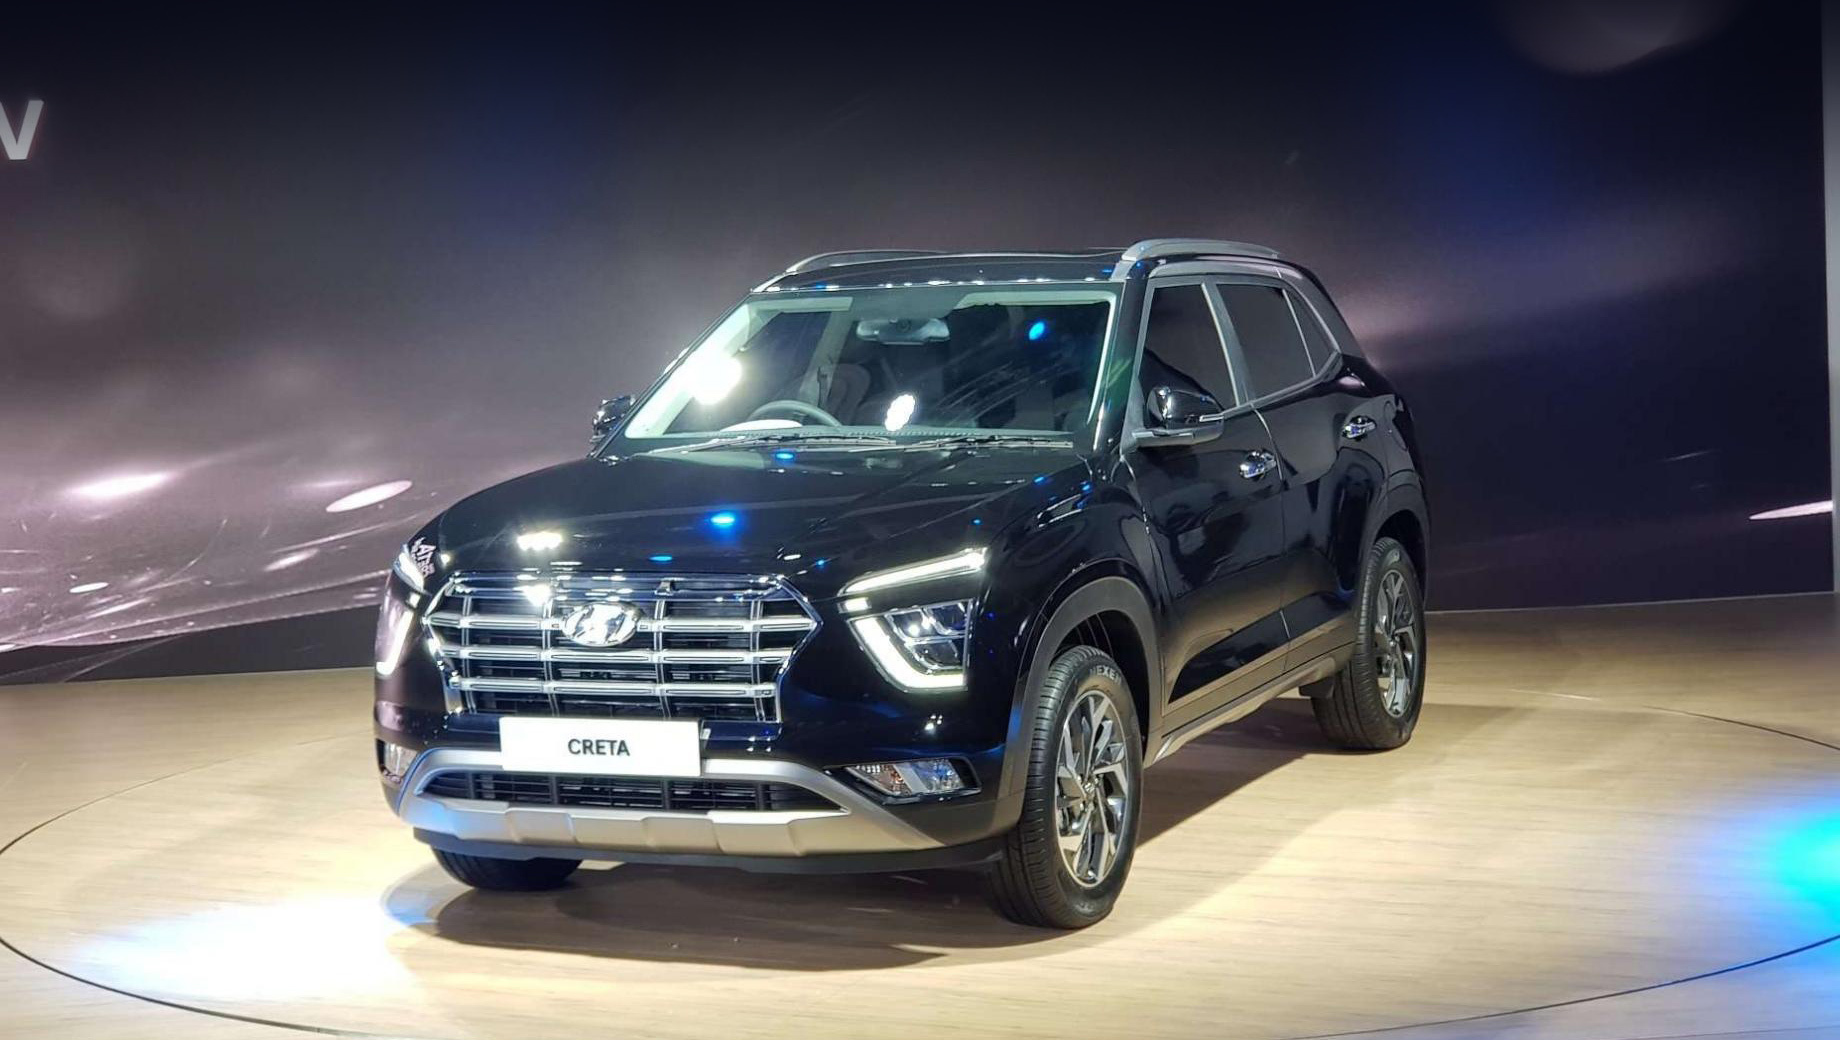 Hyundai creta. В продажу в Индии автомобиль поступит в марте, и цены компания огласит ближе к запуску на рынок.